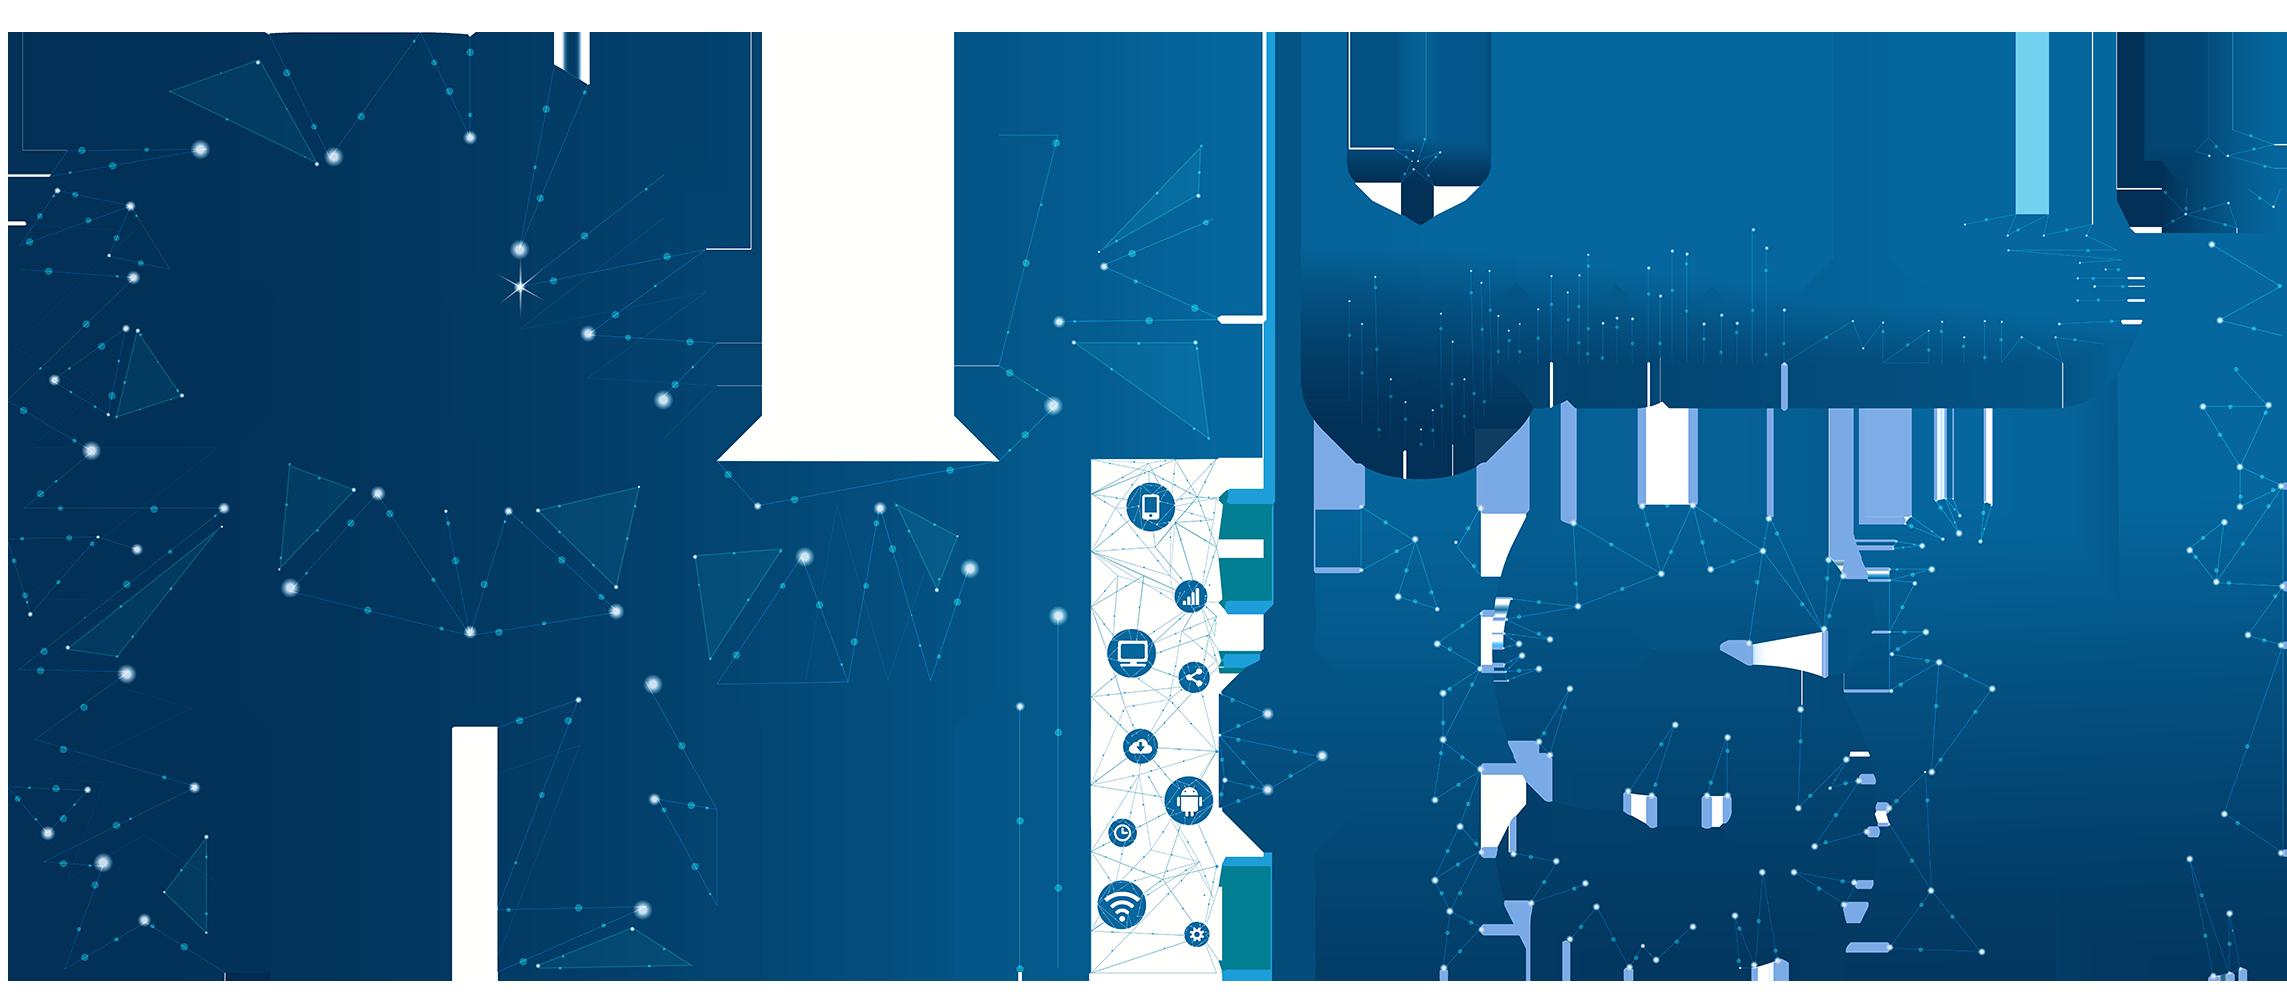 مدونة احسن | AHHSN Blog